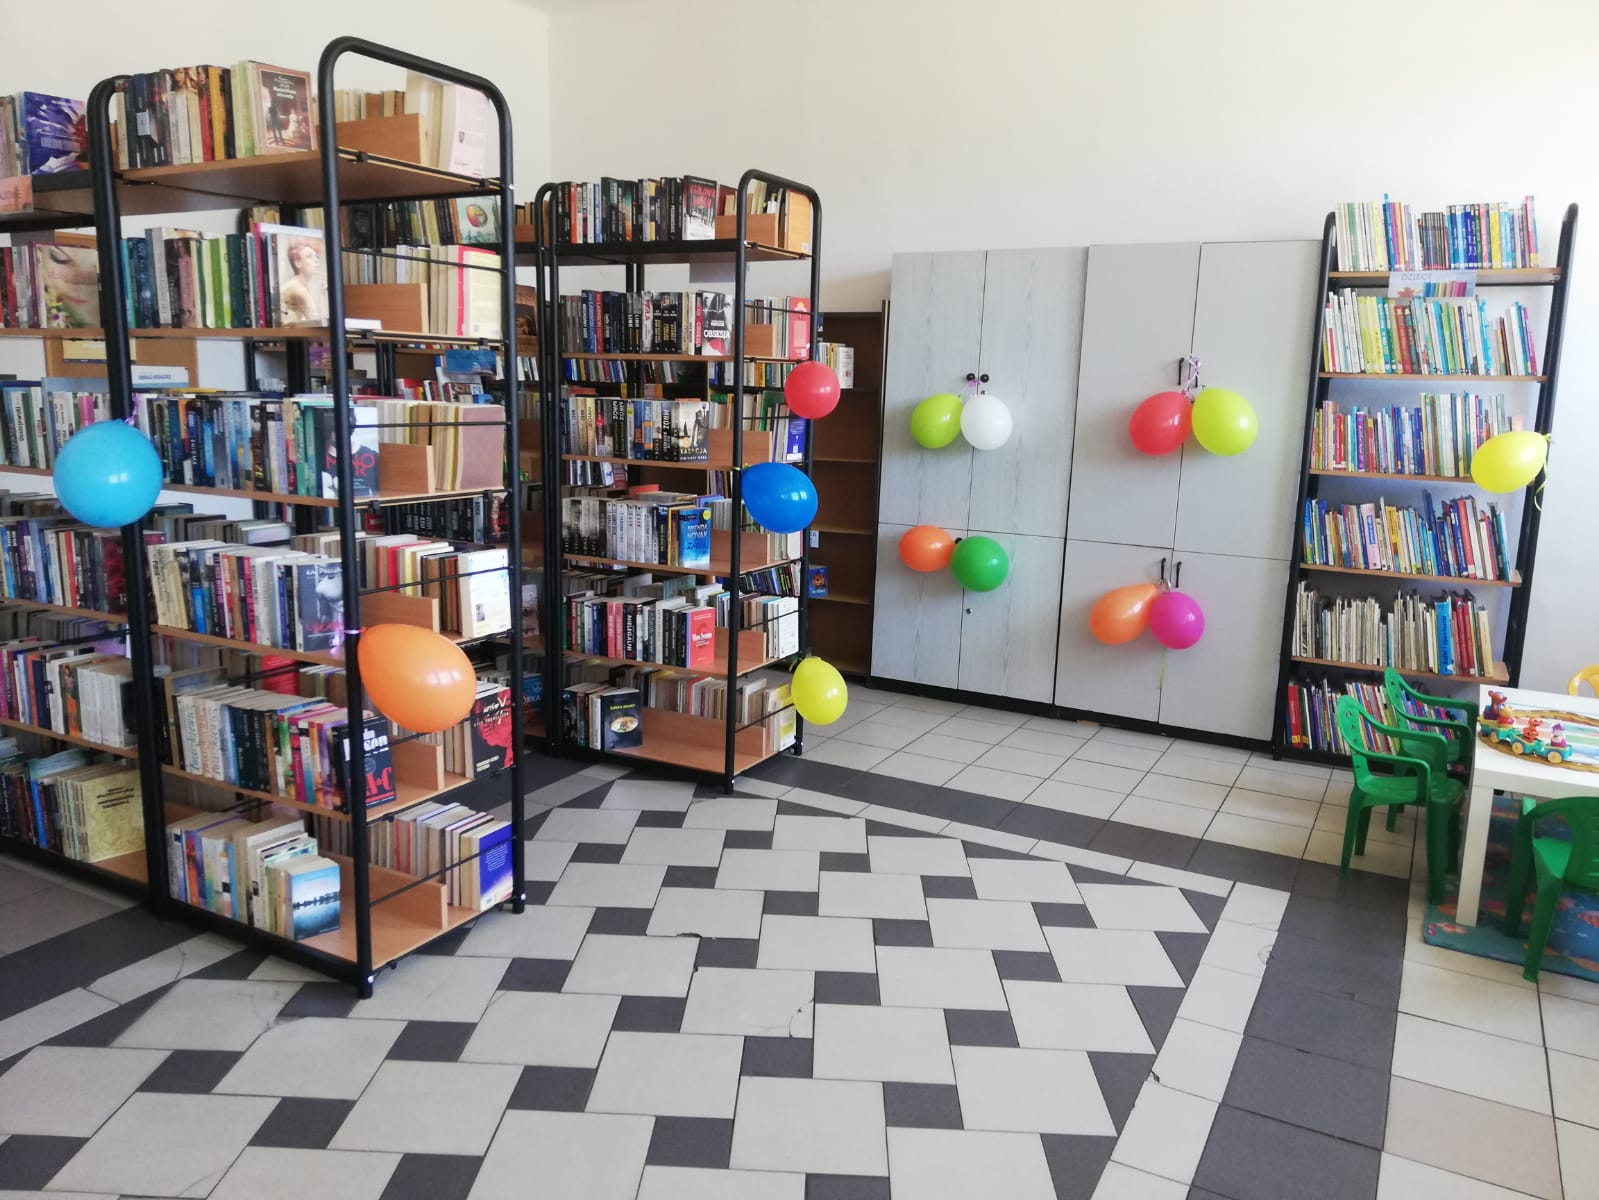 biblioteka w Luboszycach, regały z książkami